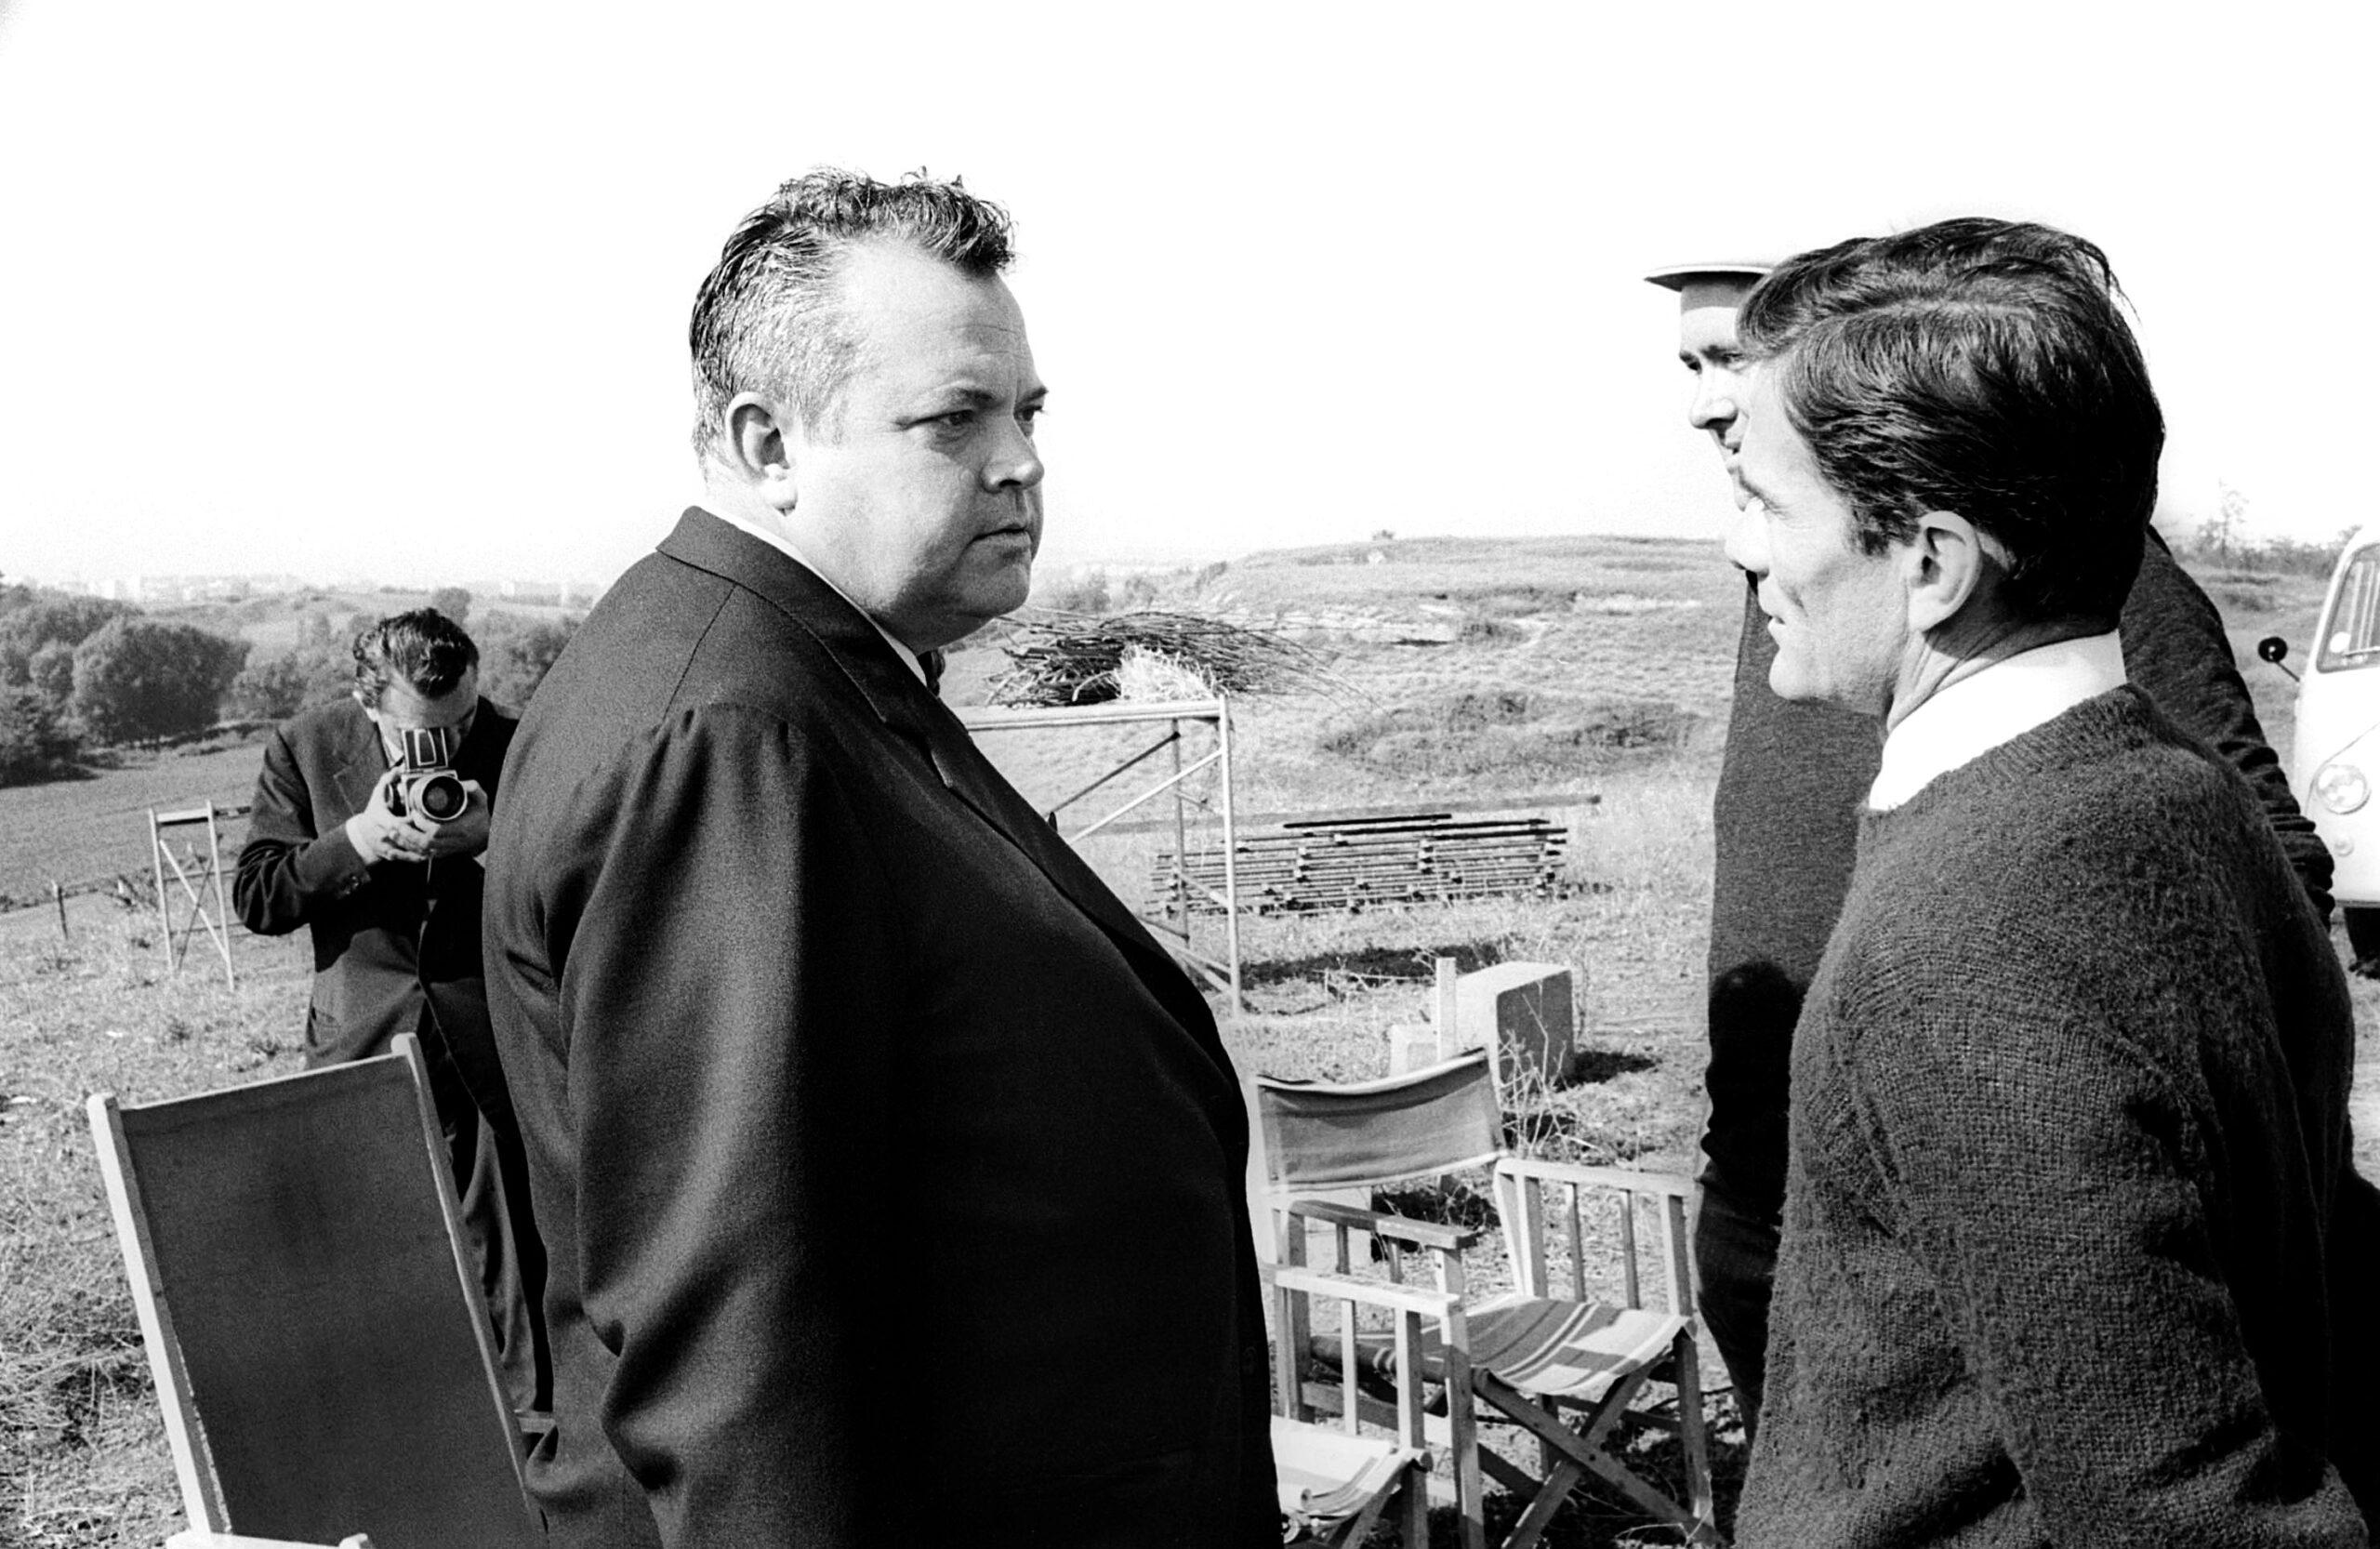 La Ricotta Pasolini critica uomo medio